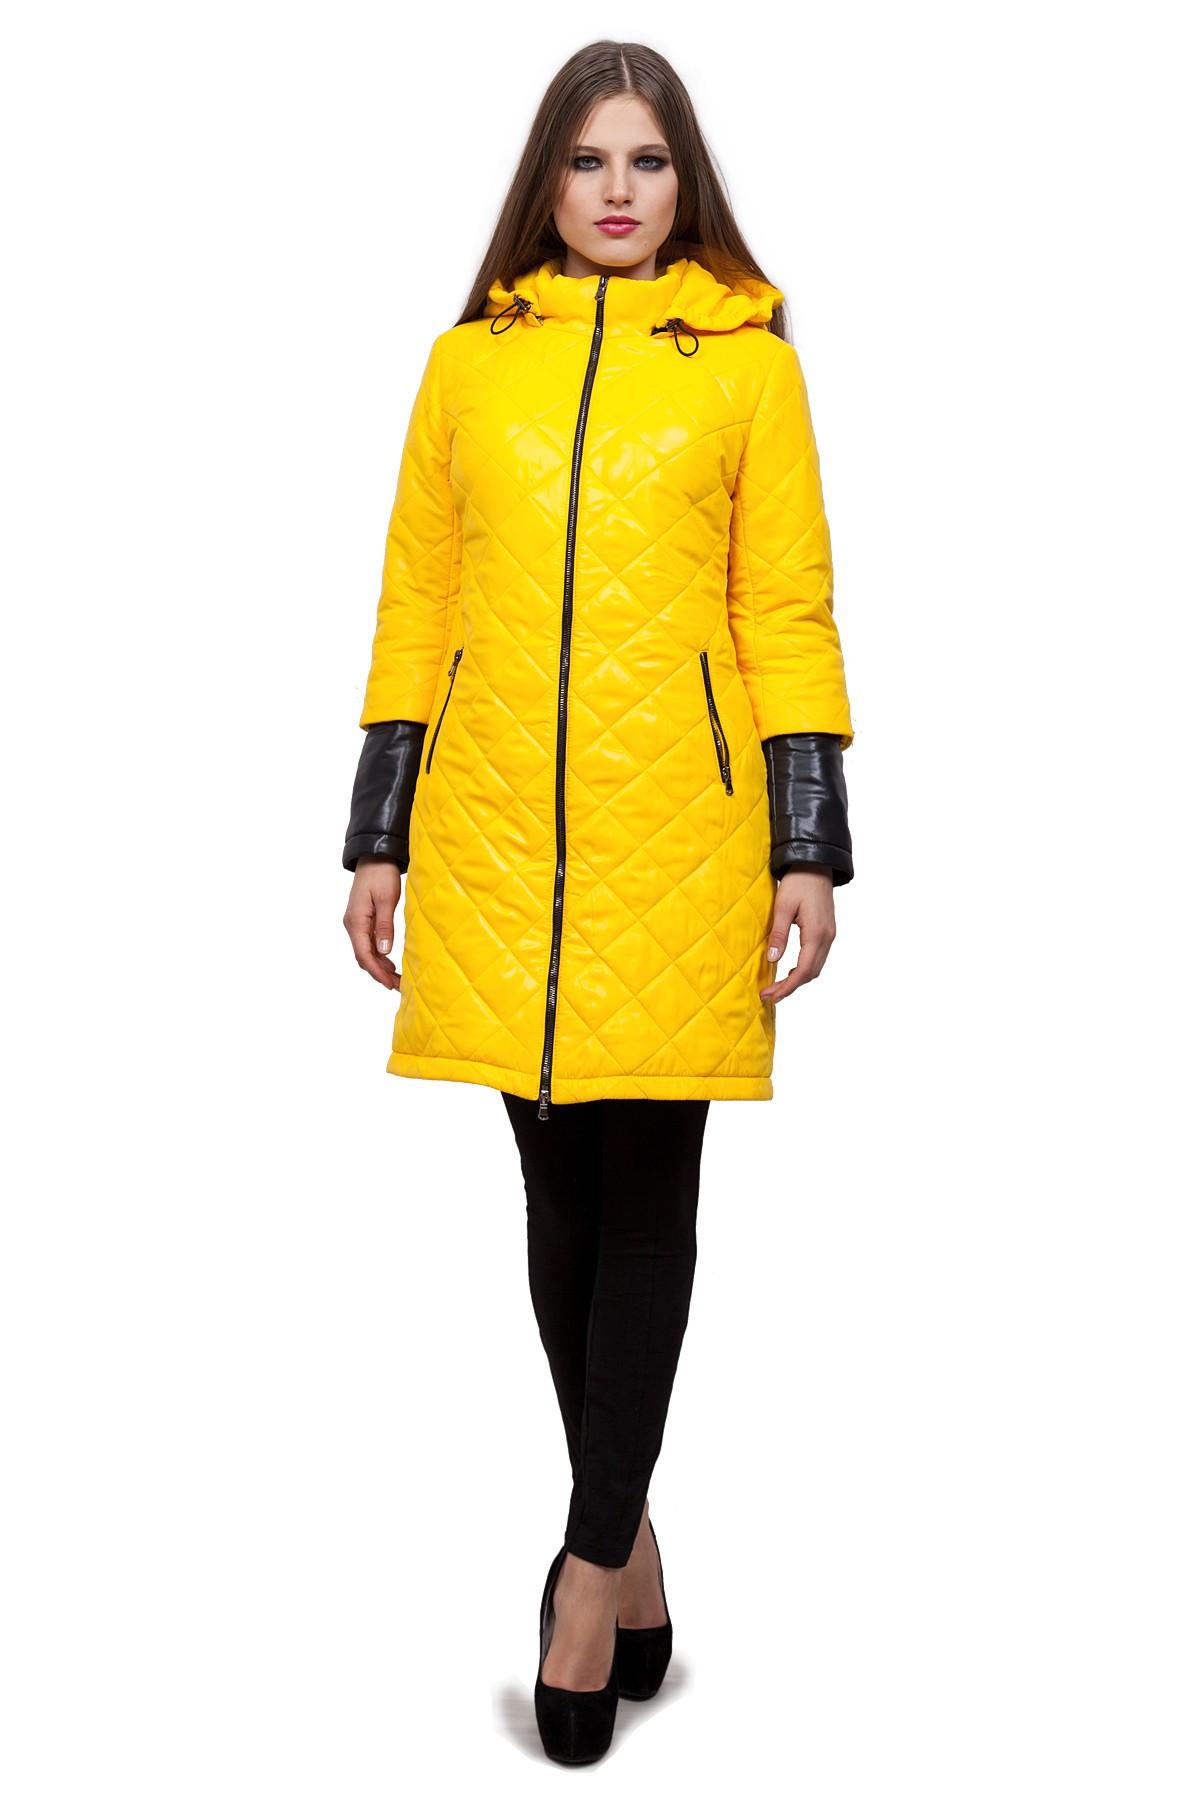 ПальтоЗимние куртки, пальто, пуховики<br>Стильное пальто согреет в холодные дни. Модель с воротником-стойкой и длинными рукавами имеет застежку на молнию. Изделие дополнено удобными карманами. Отличный осенний вариант.<br><br>Цвет: желтый, черный<br>Состав: 100%полиэстер, подкладка-100%полиэстер, утеплитель - термофин 200г<br>Размер: 42<br>Страна дизайна: Россия<br>Страна производства: Россия